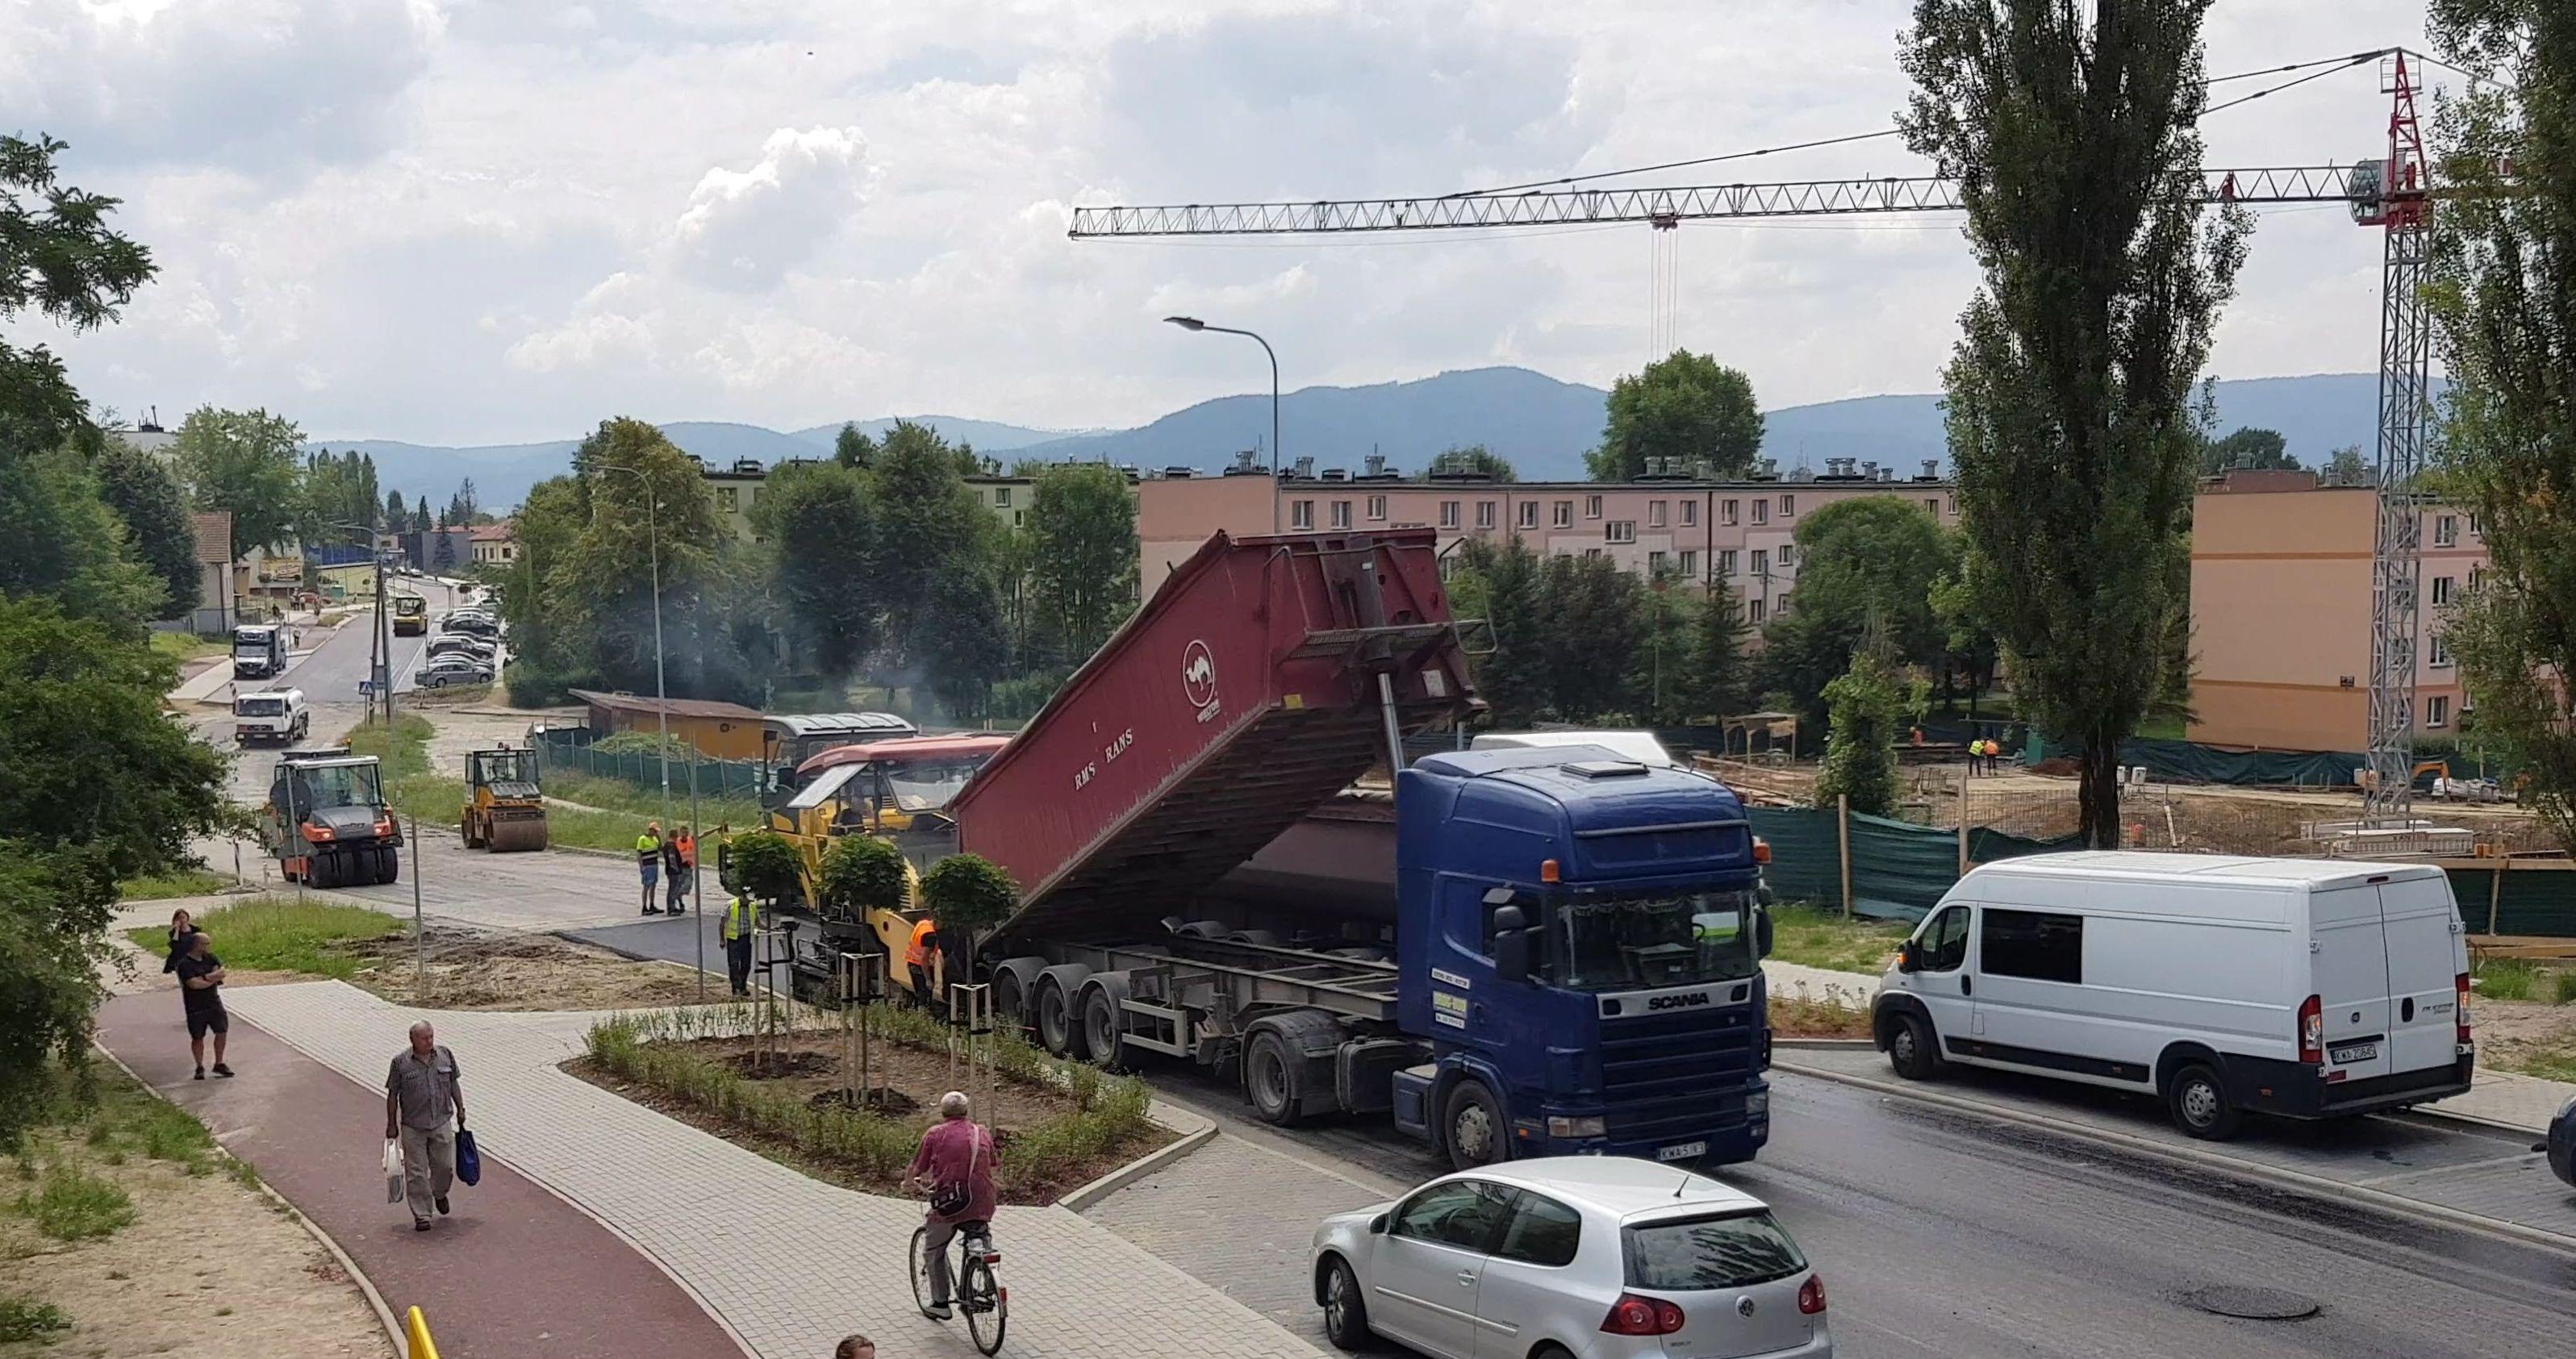 Nowy asfalt na Włókniarzy, ale... na ulicy zostanie jedna wielka dziura [VIDEO]